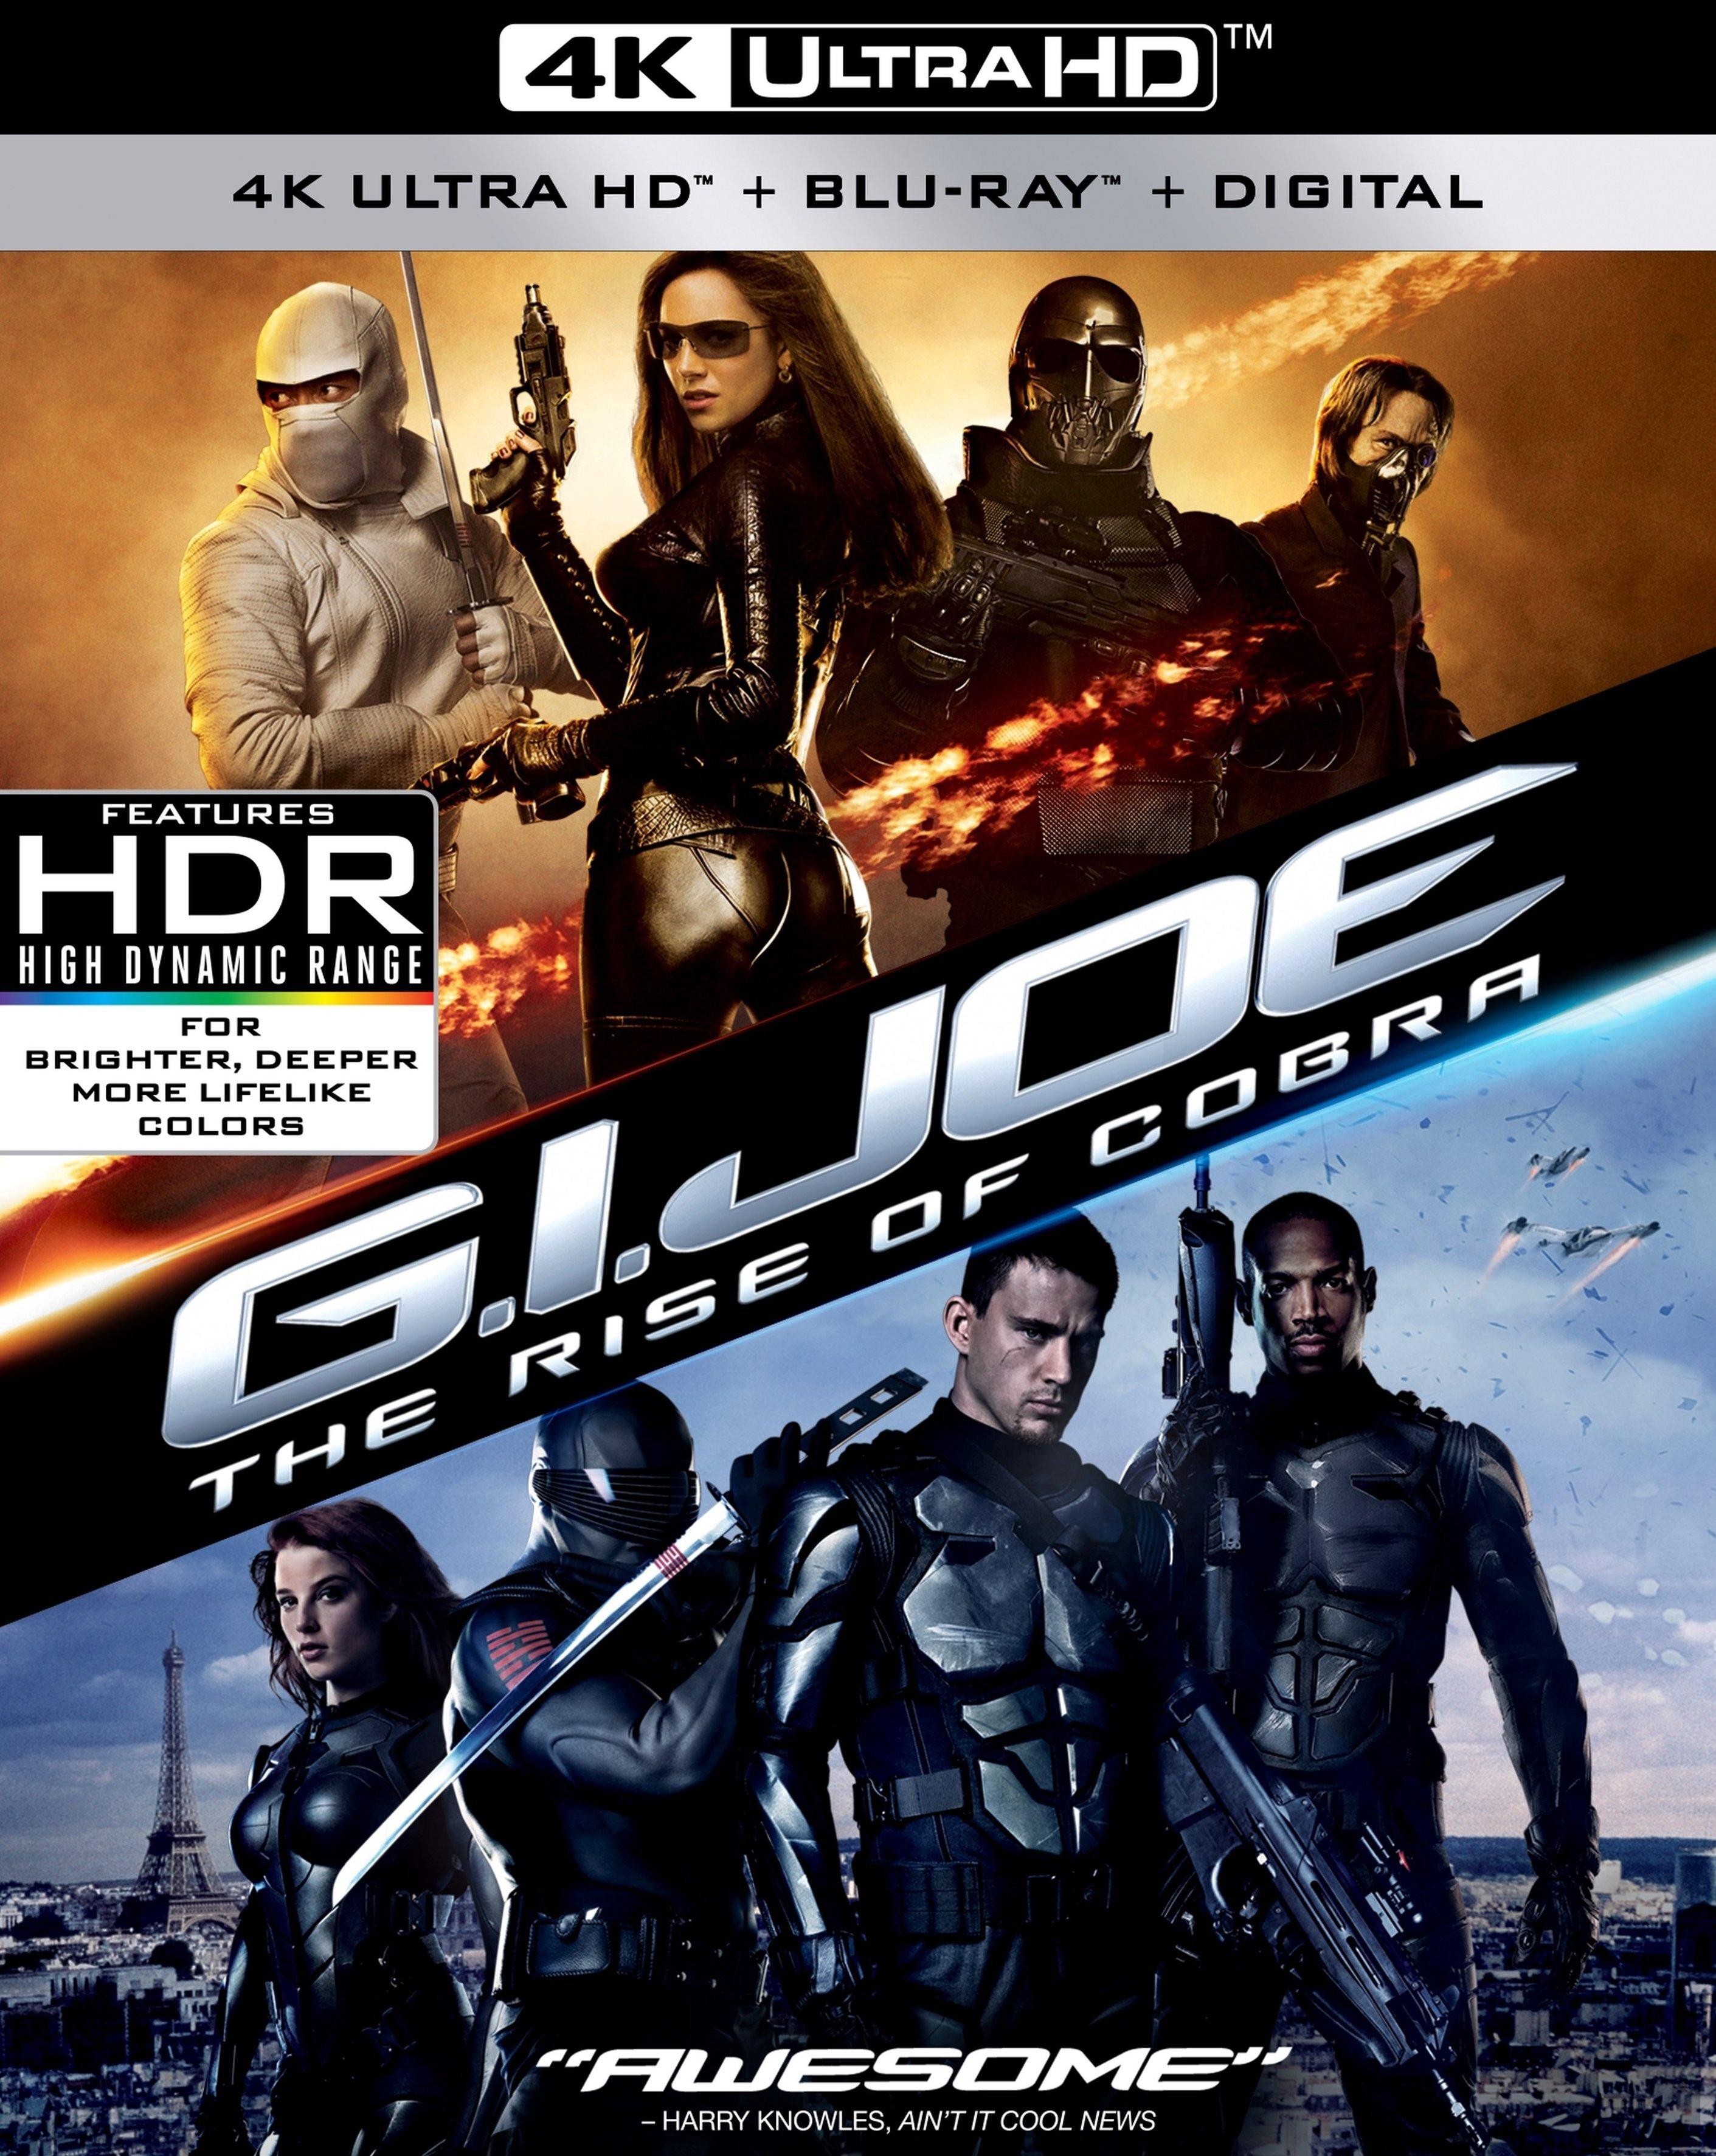 G.I. Joe 1: The Rise of Cobra 4K (2009) Ultra HD Blu-ray